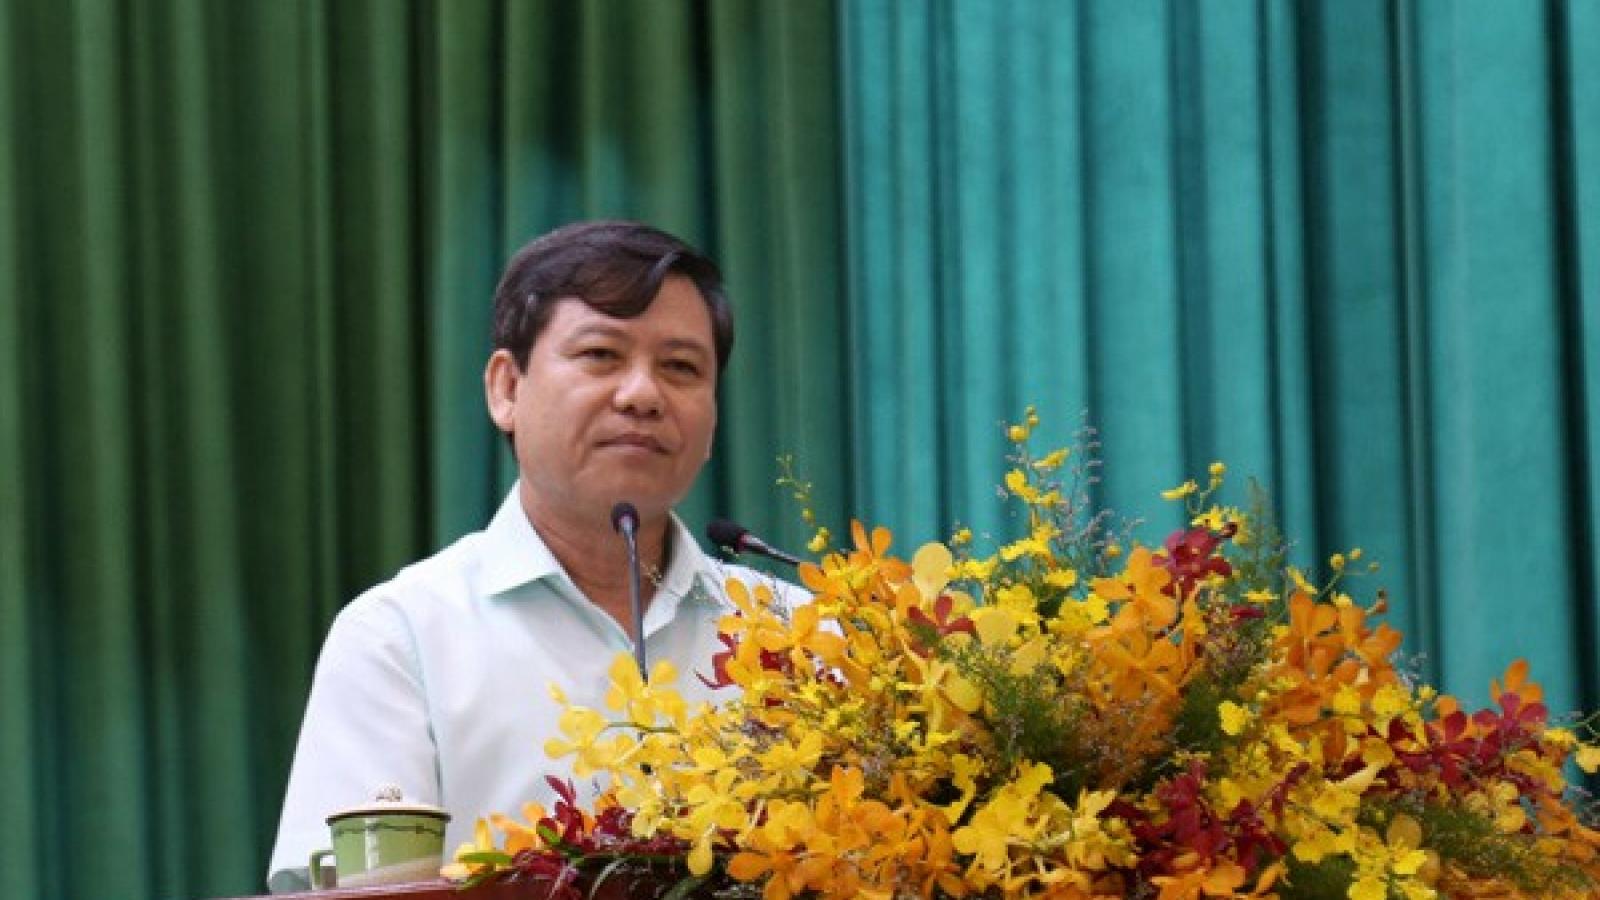 Viện trưởng Viện KSNDTC: Kháng nghị vụ Hồ Duy Hải không sai luật